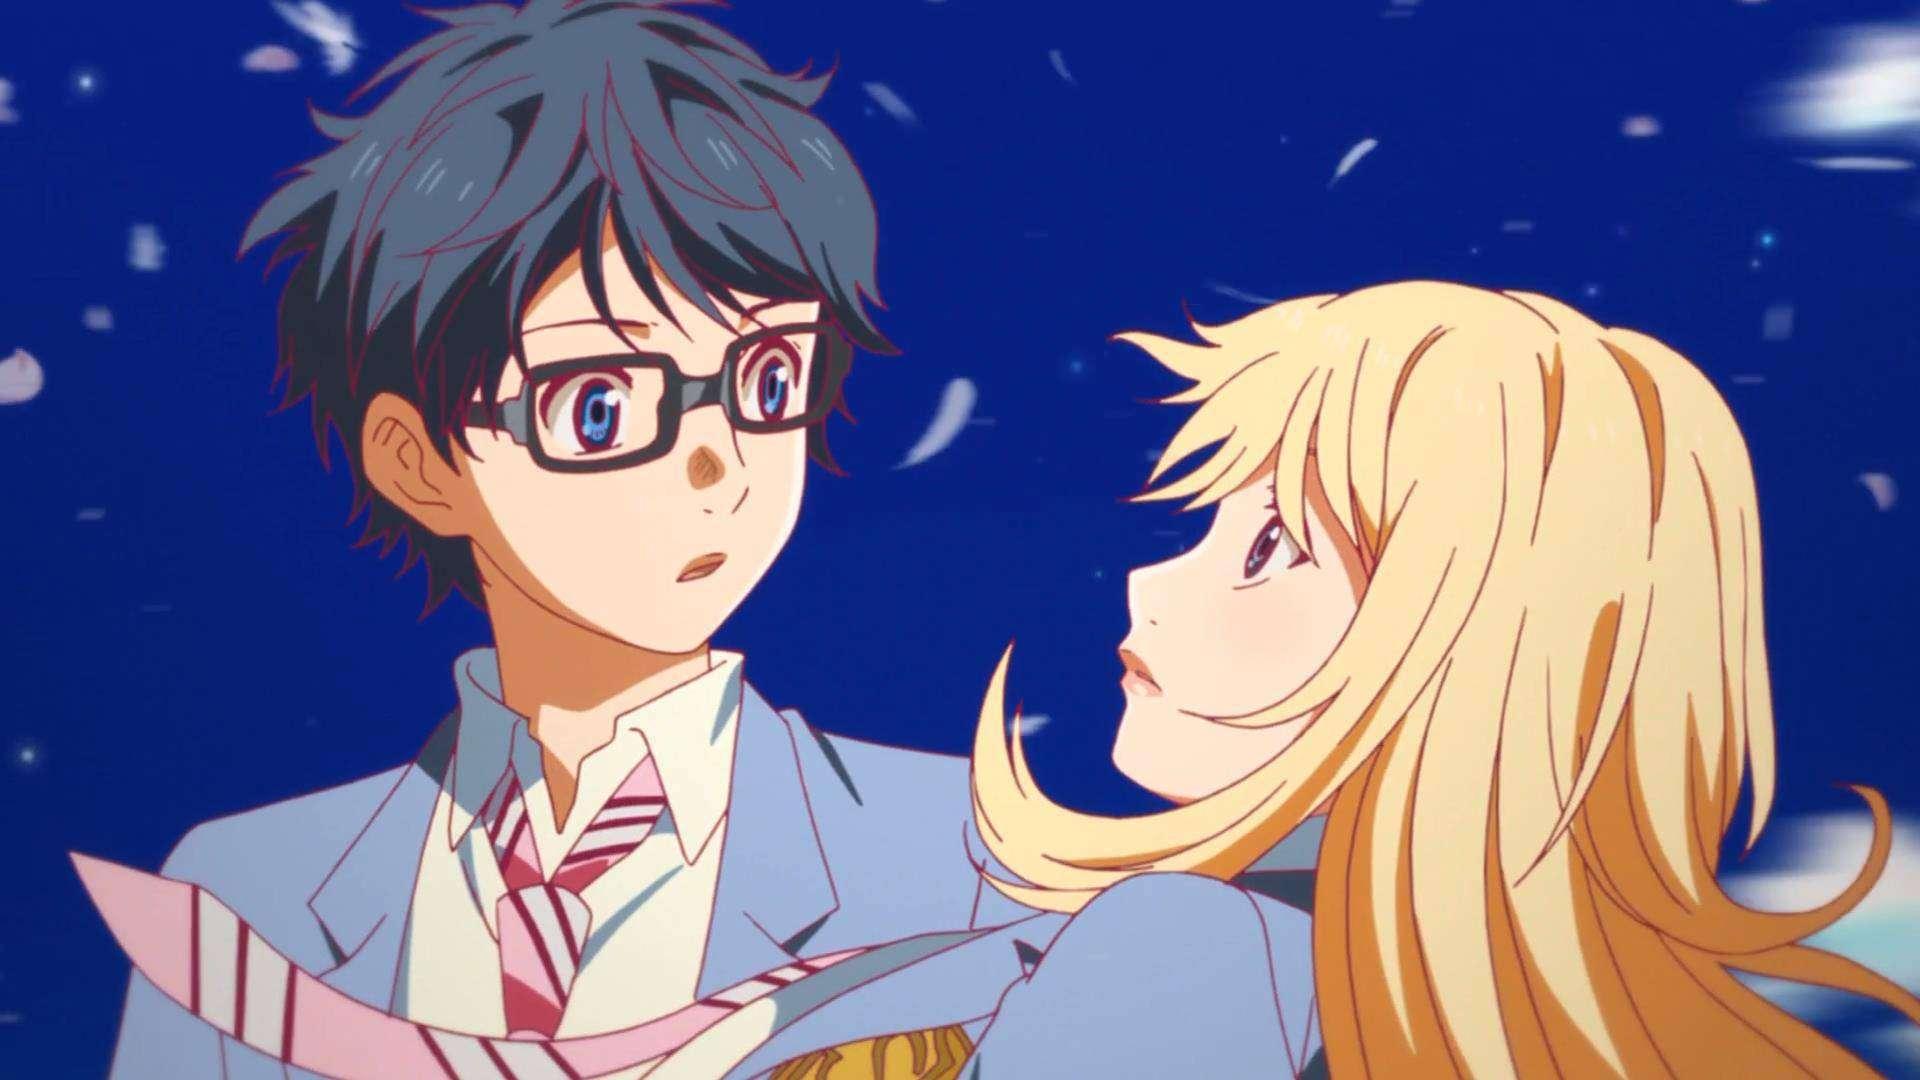 Shigatsu wa kimi no uso episode 1 10